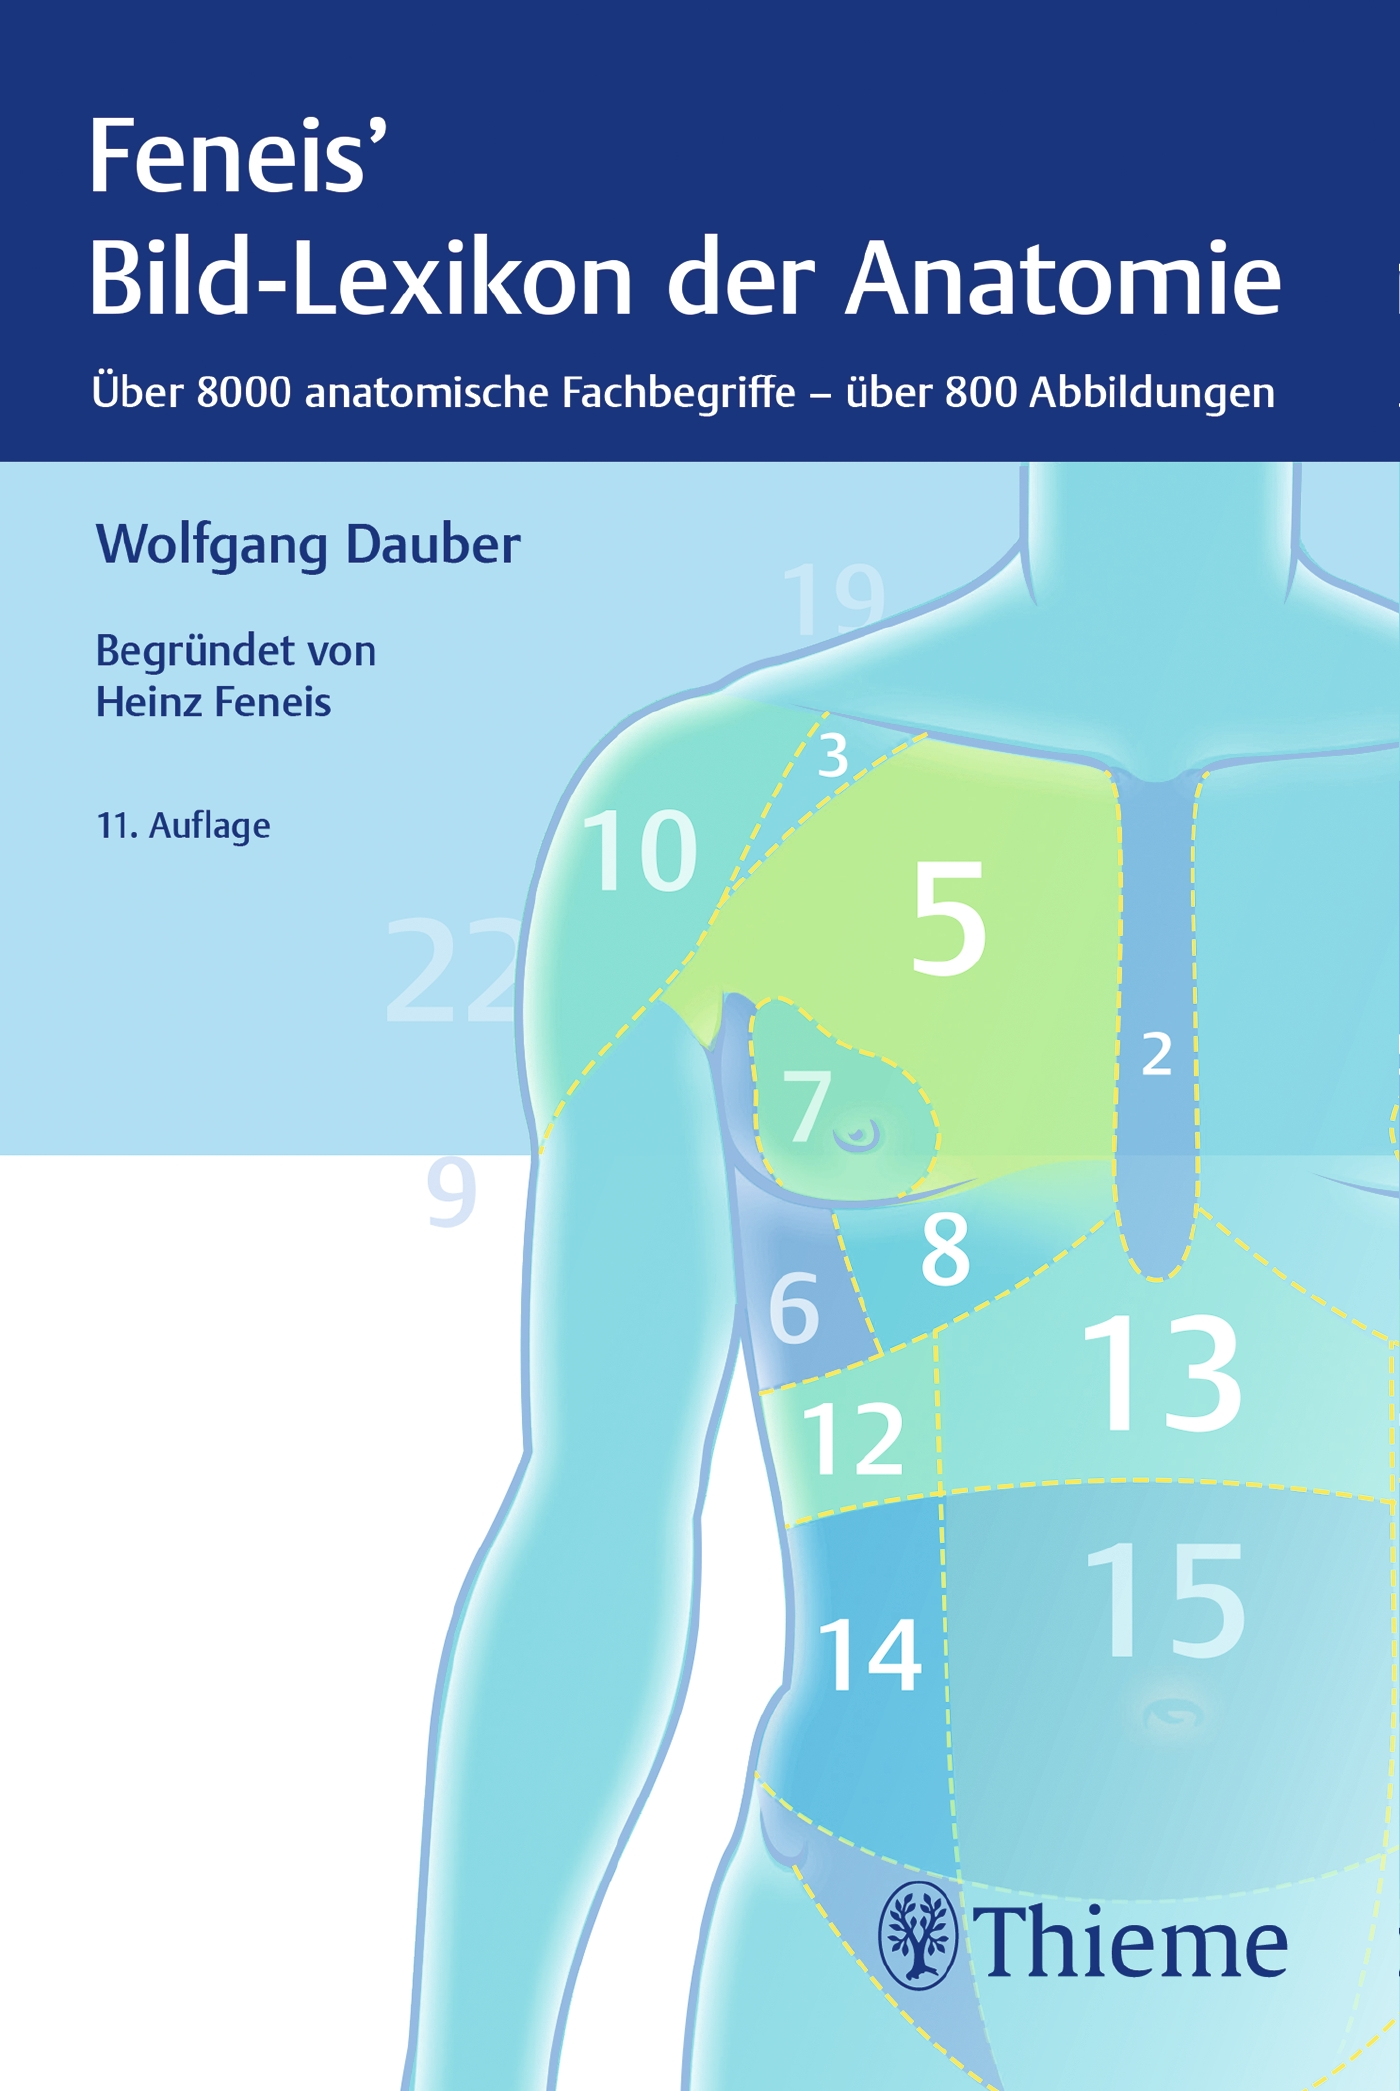 Bild-Lexikon der Anatomie